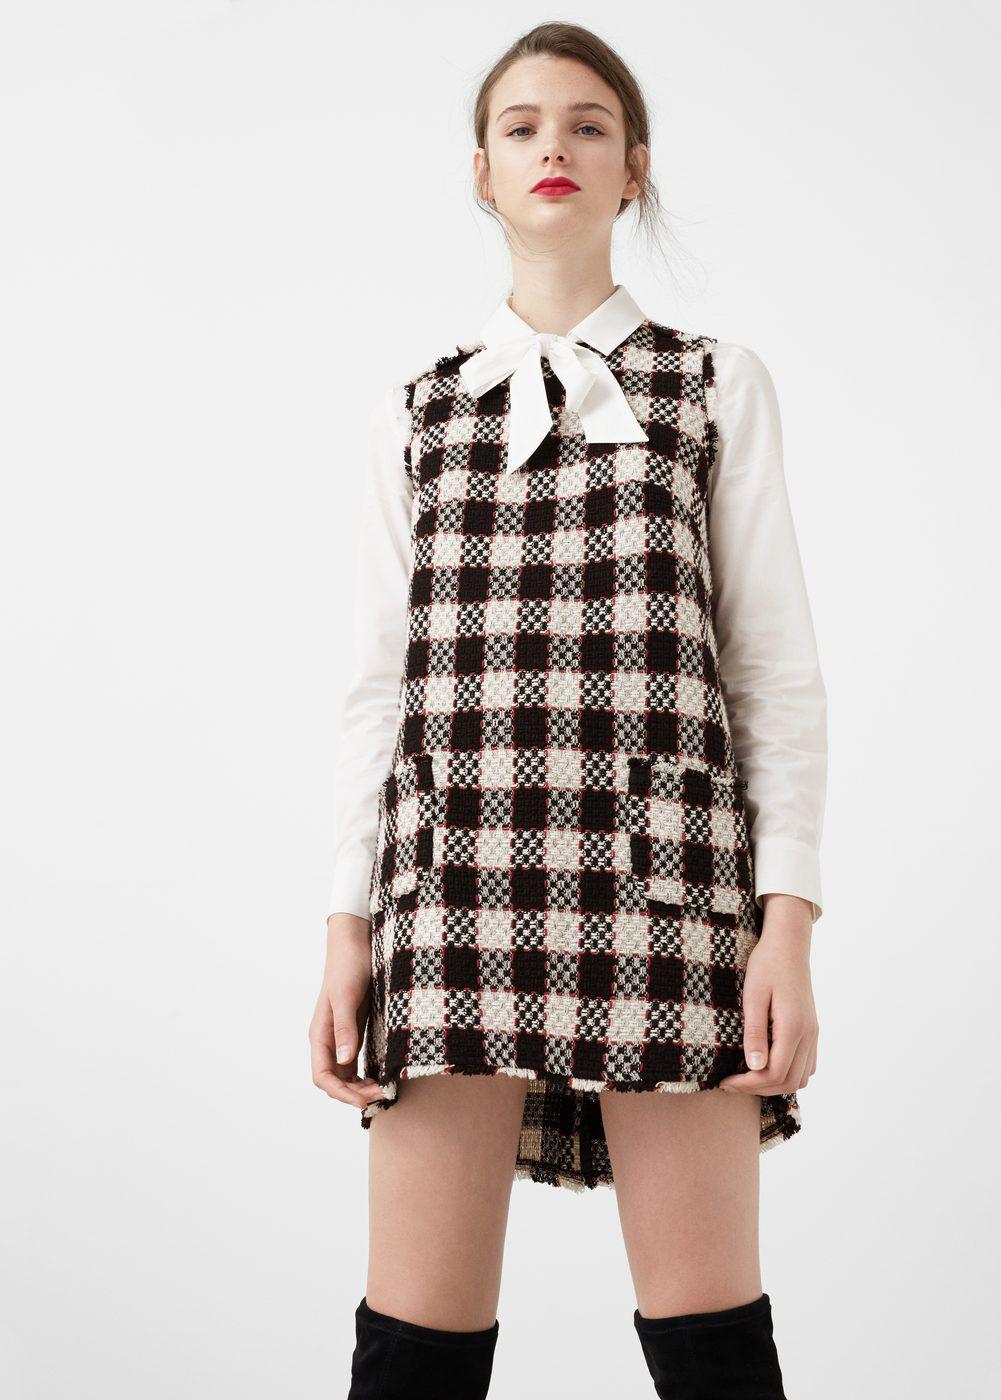 Vestido cuadros tweed - Vestidos de Mujer  46698f28c011